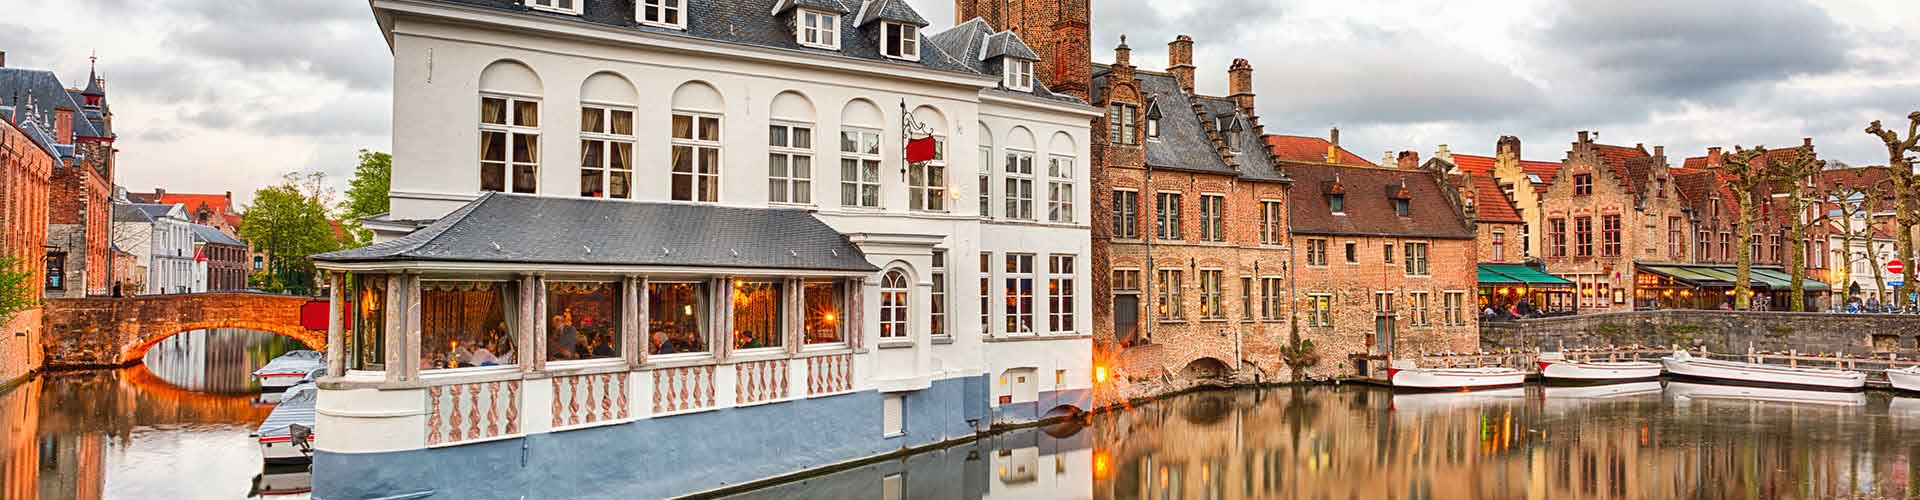 Bruges - Auberges de jeunesse à Bruges. Cartes pour Bruges, photos et commentaires pour chaque auberge de jeunesse à Bruges.